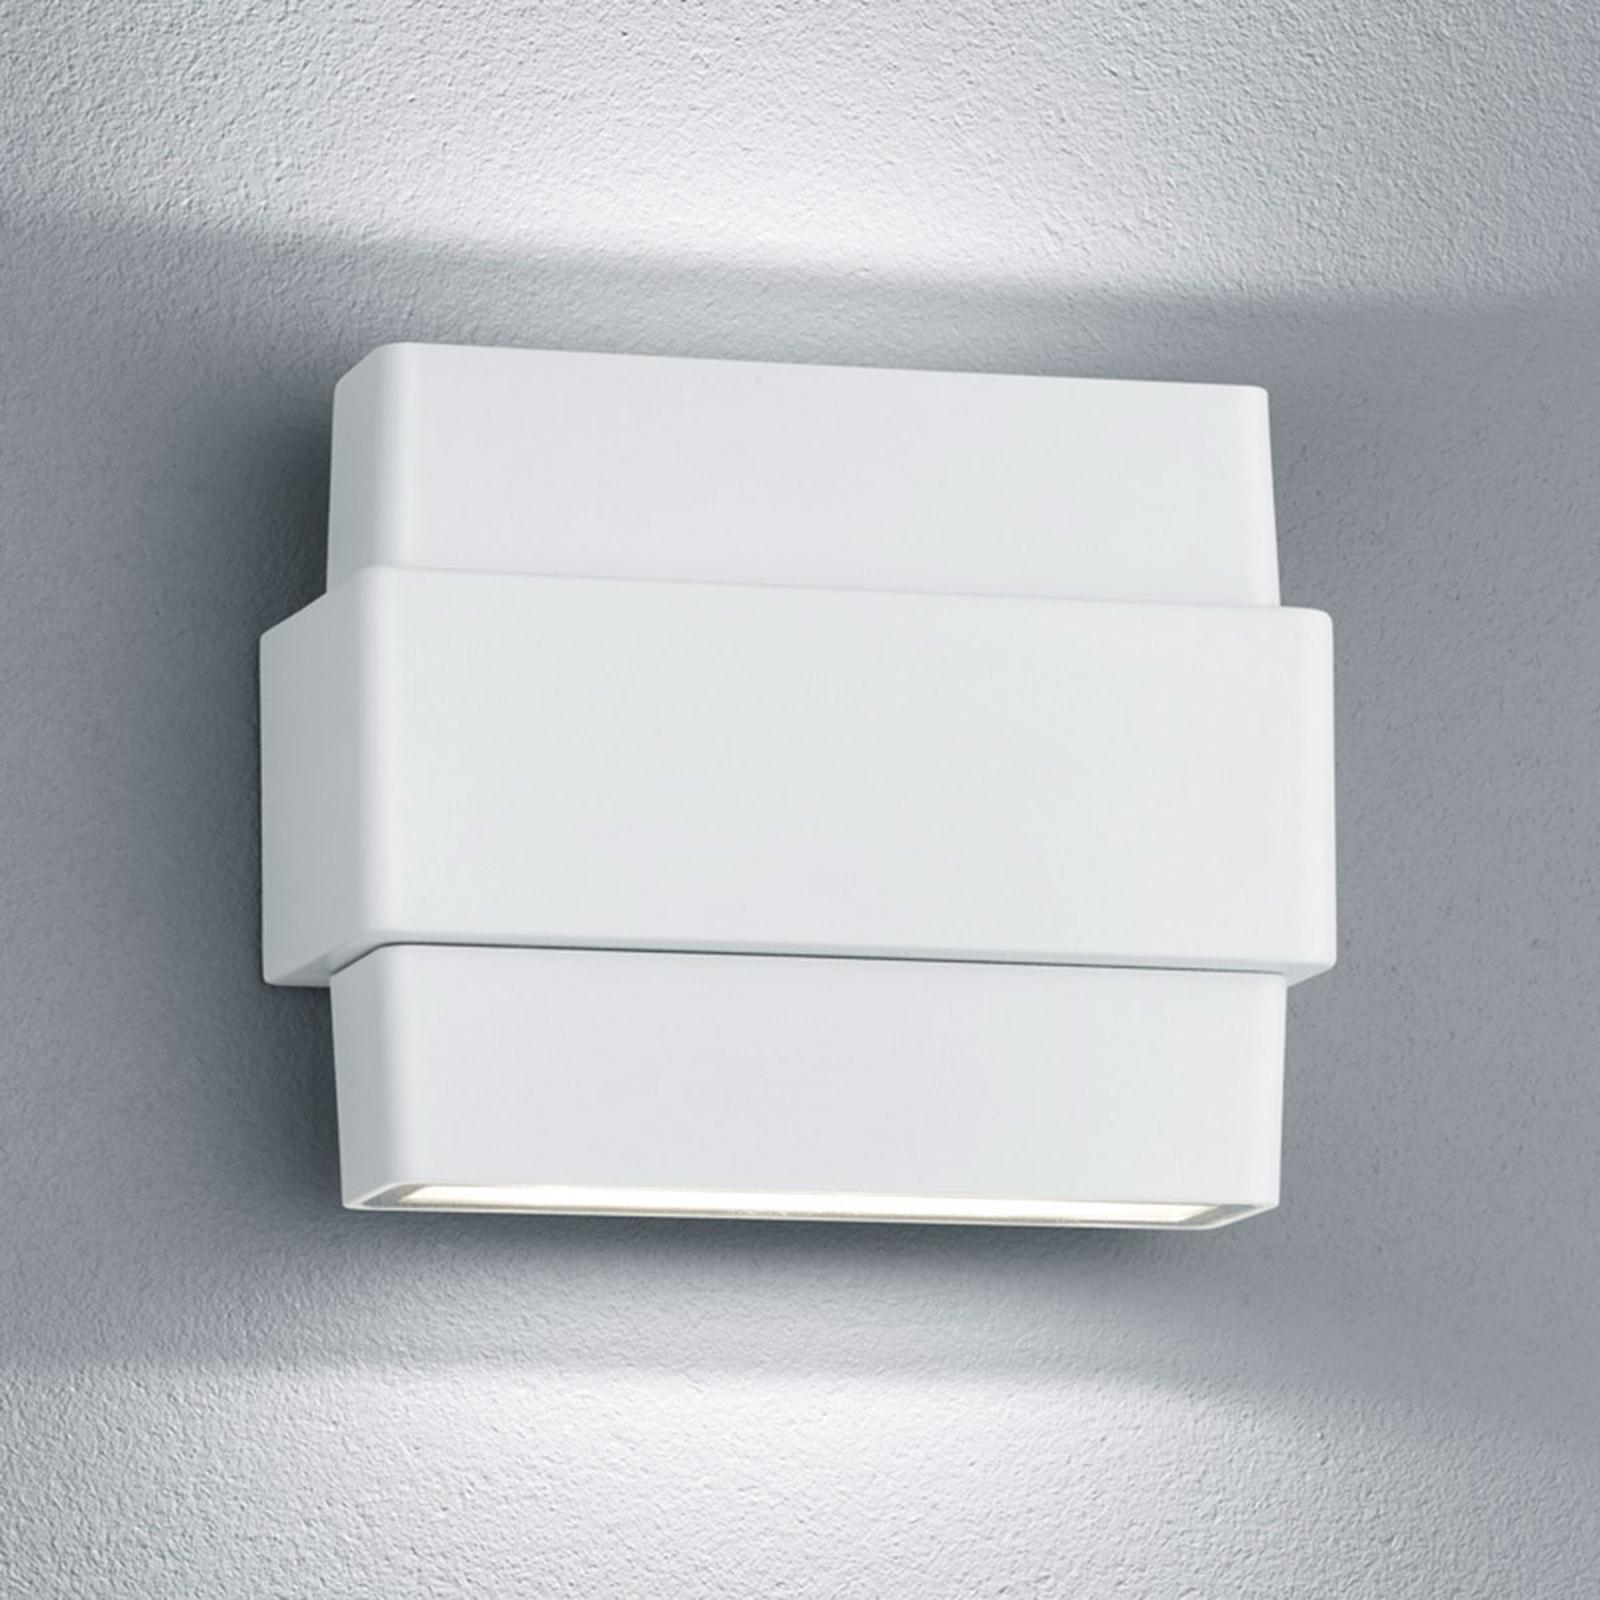 Applique d'extérieur LED Padma en blanc